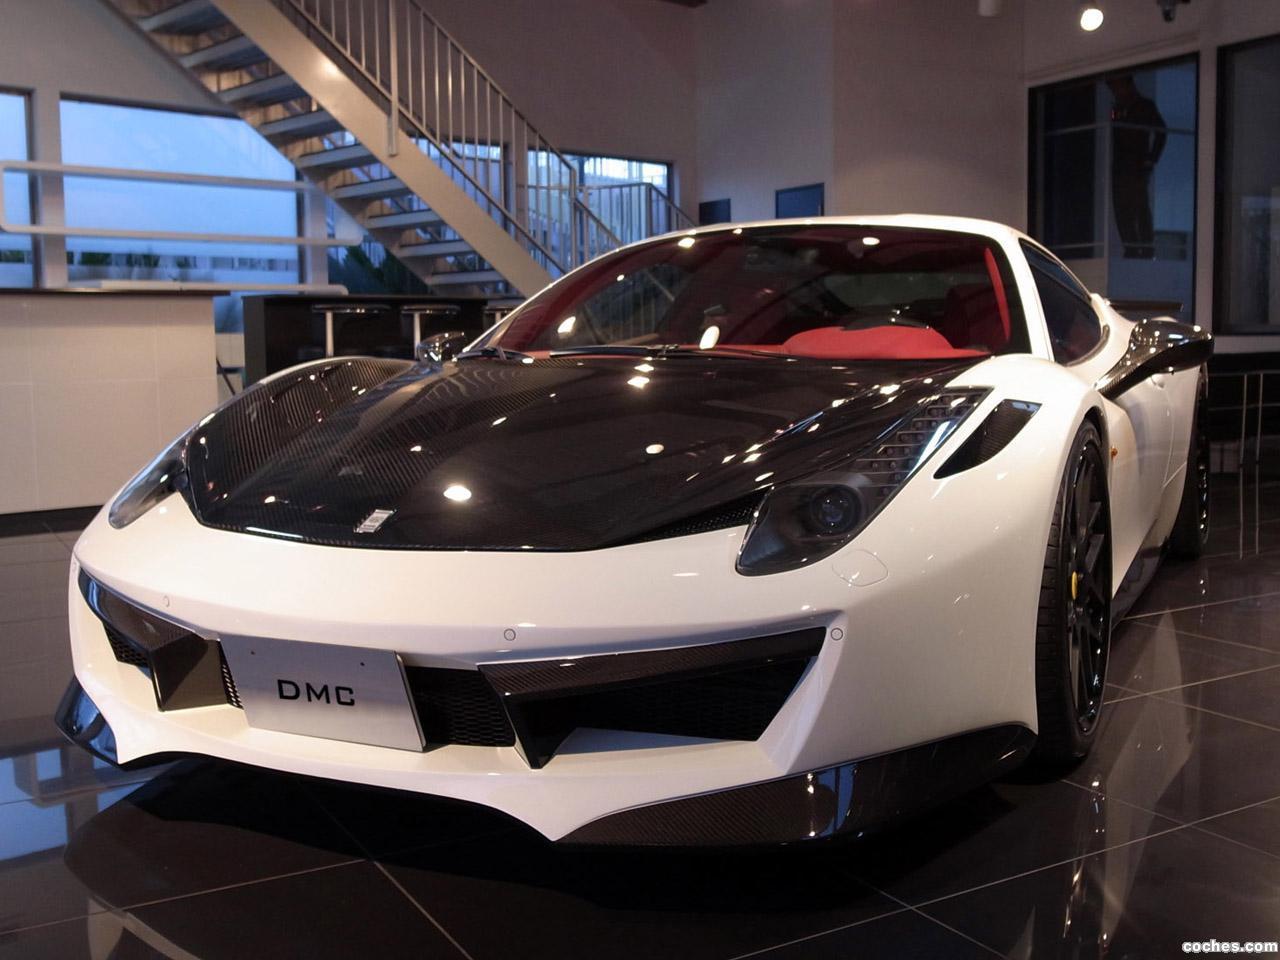 Foto 0 de DMC Design Ferrari 458 Italia Estremo Edizione 2013